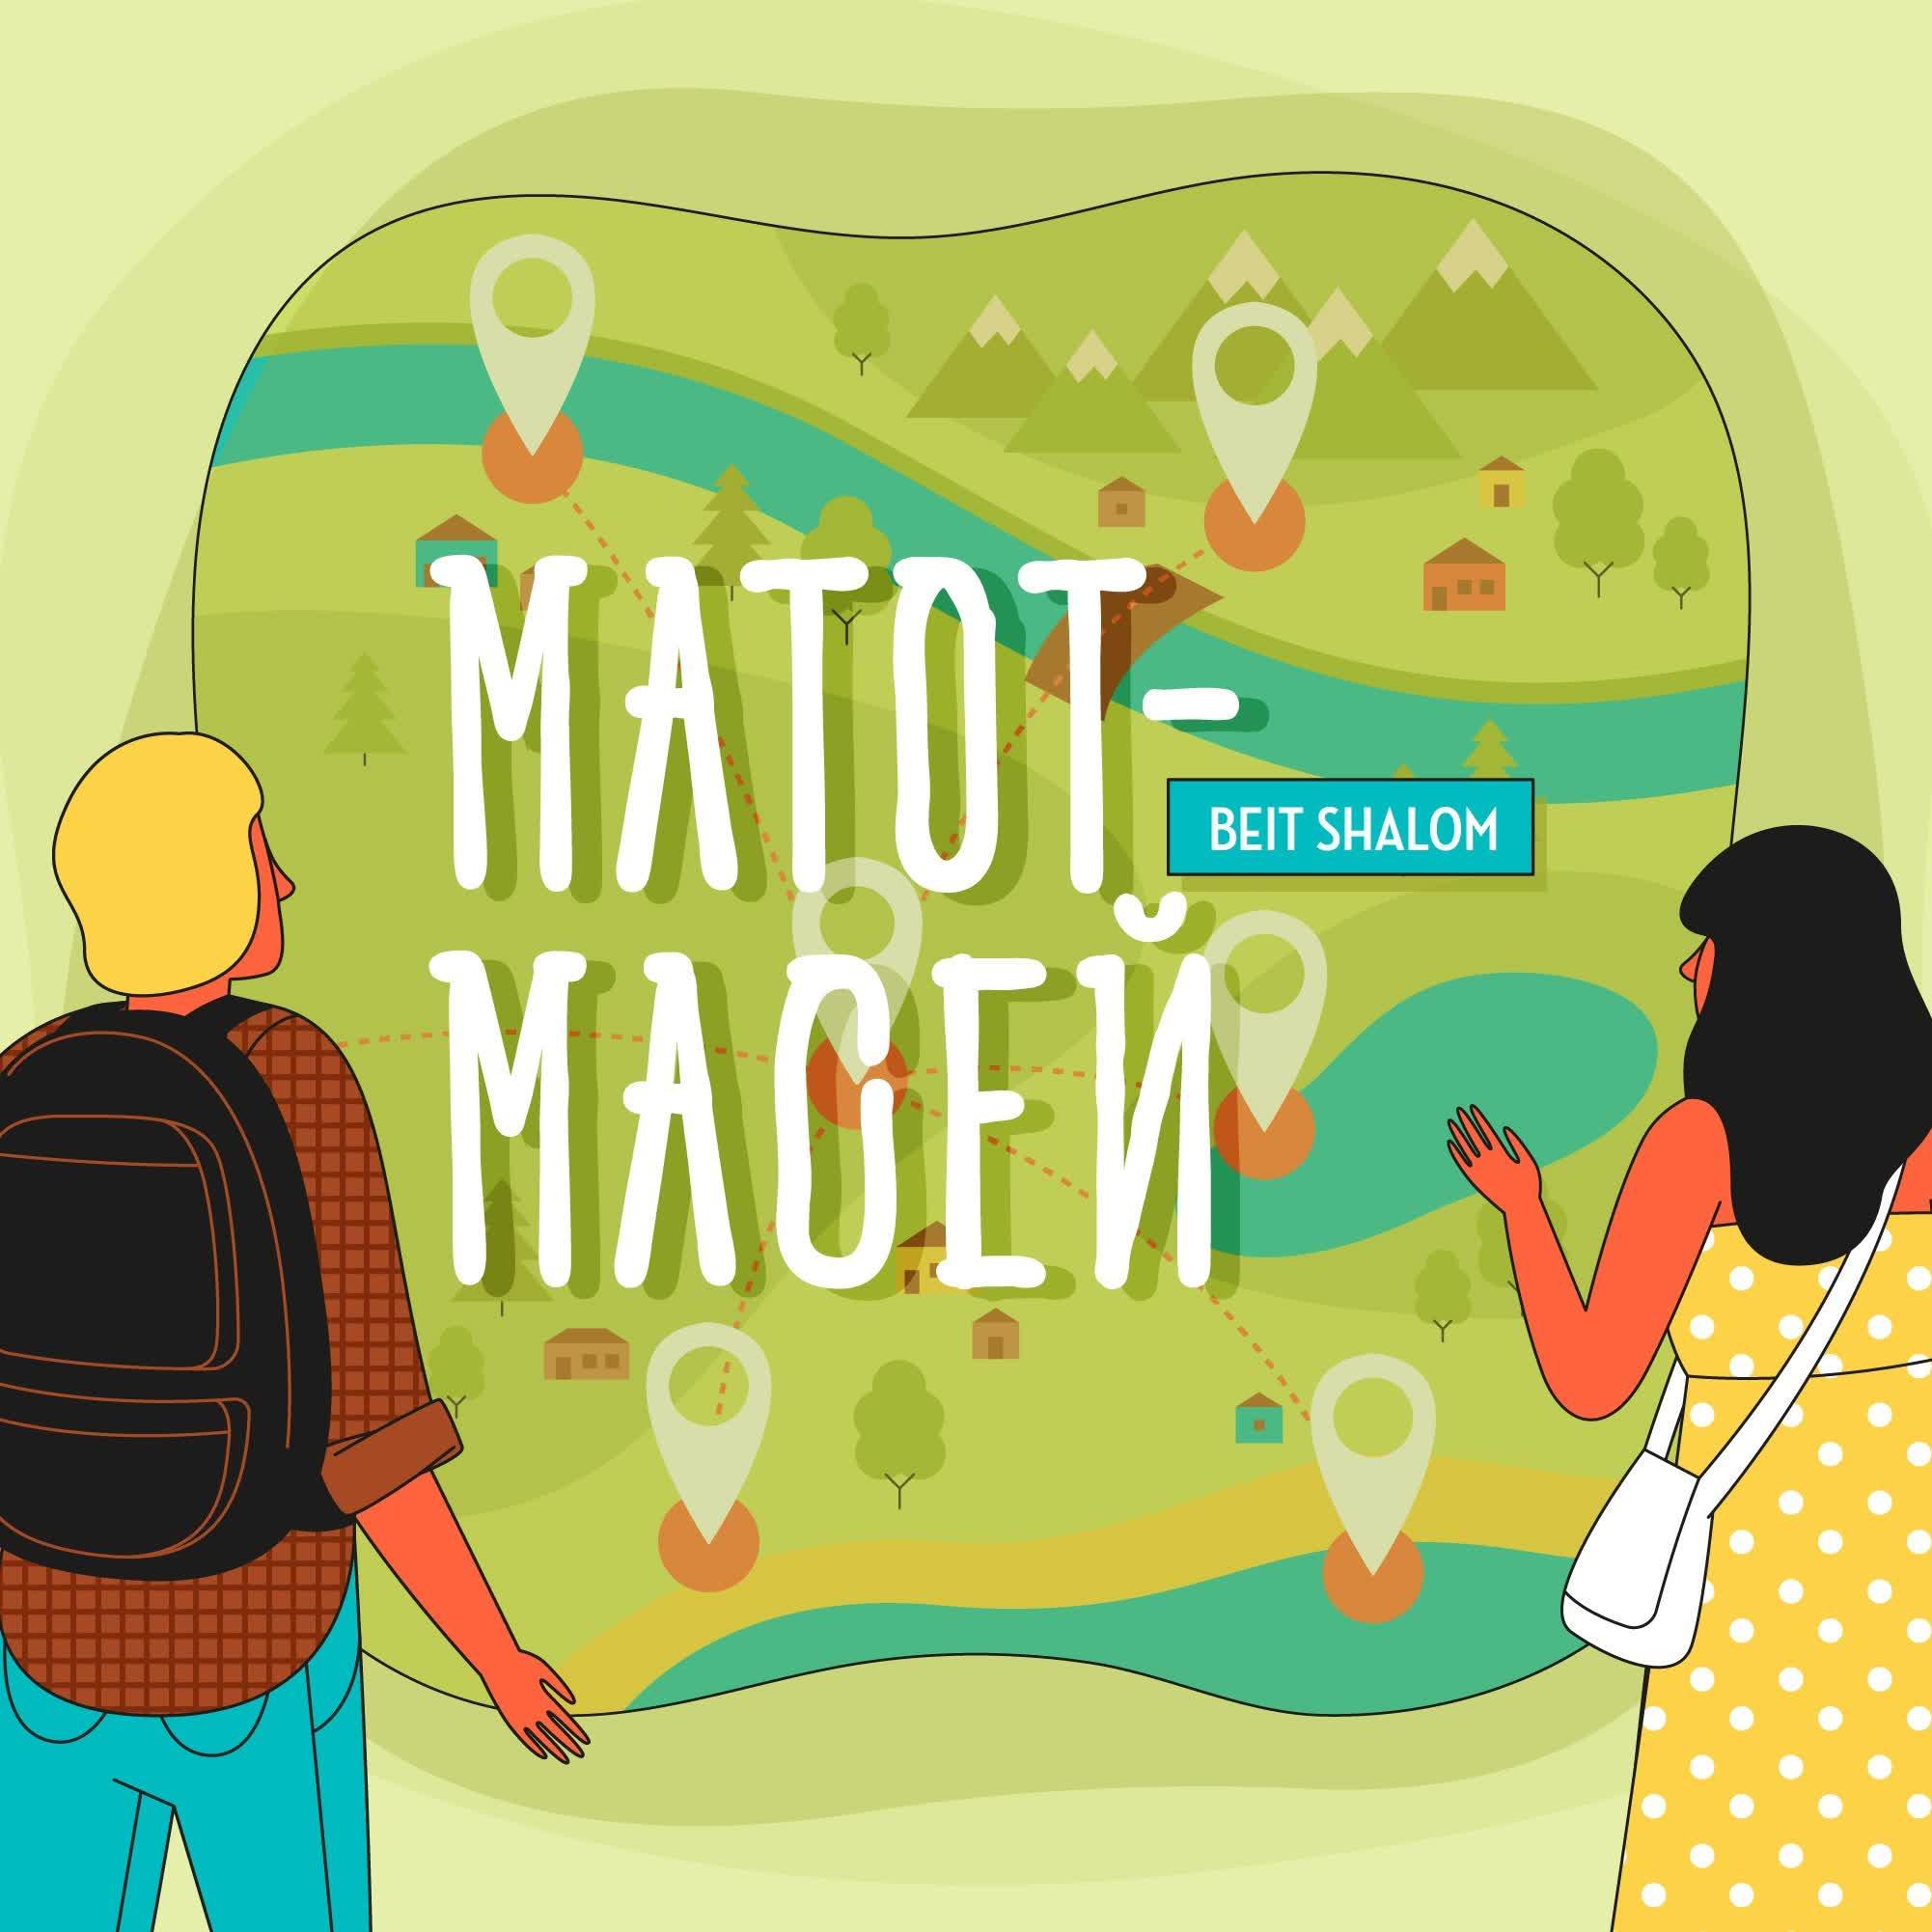 """Матот-Масей 5773 """"Мщение Господне."""" (А.Огиенко, 06.07.2013)"""